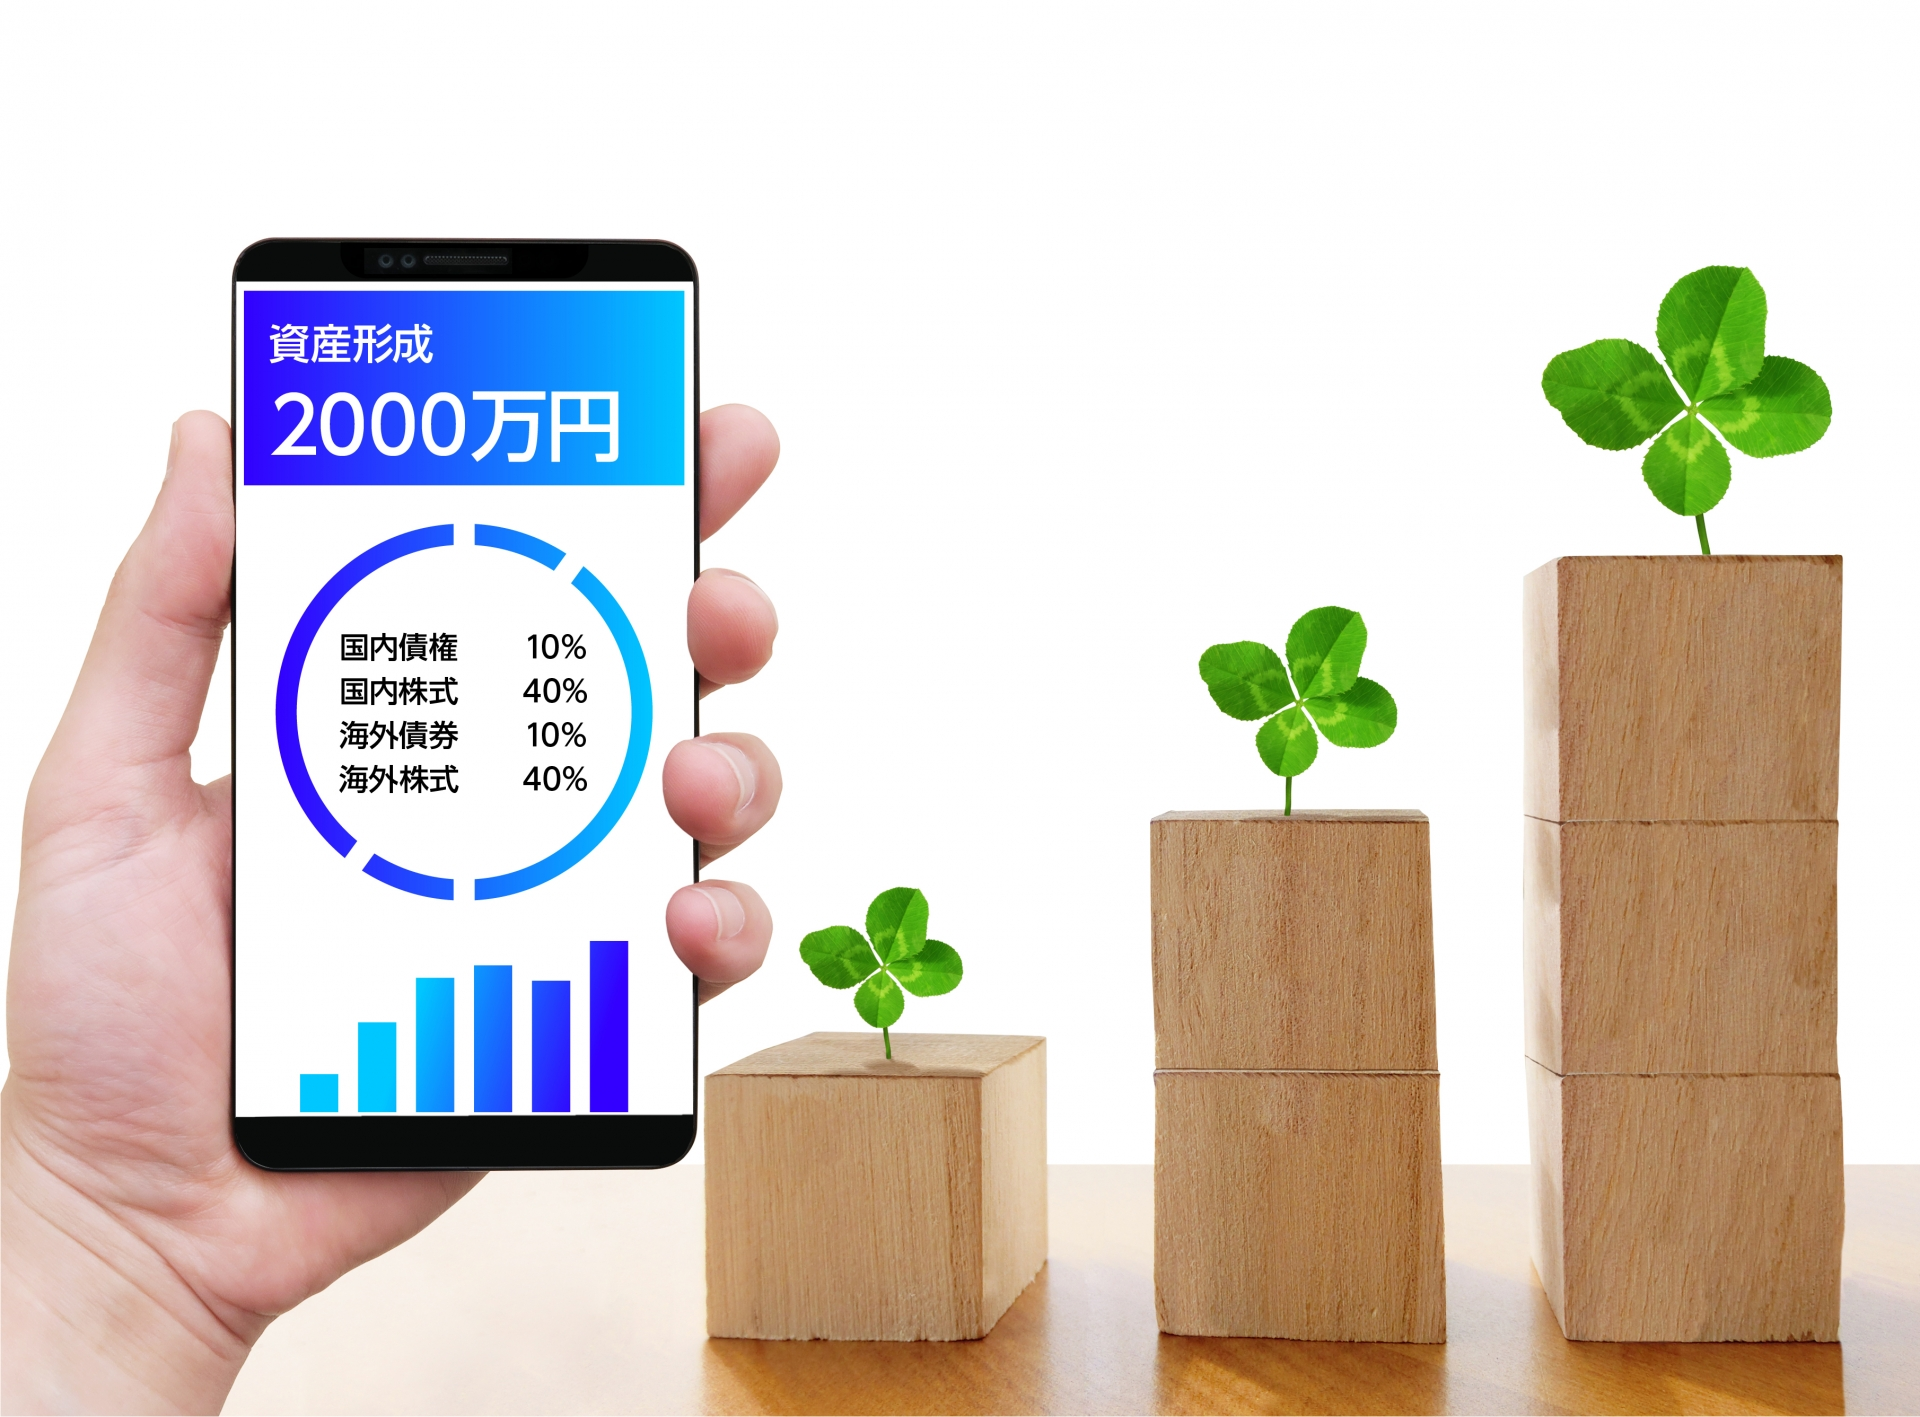 松井証券のロボアドバイザー「投信工房」は使えるサービスか?